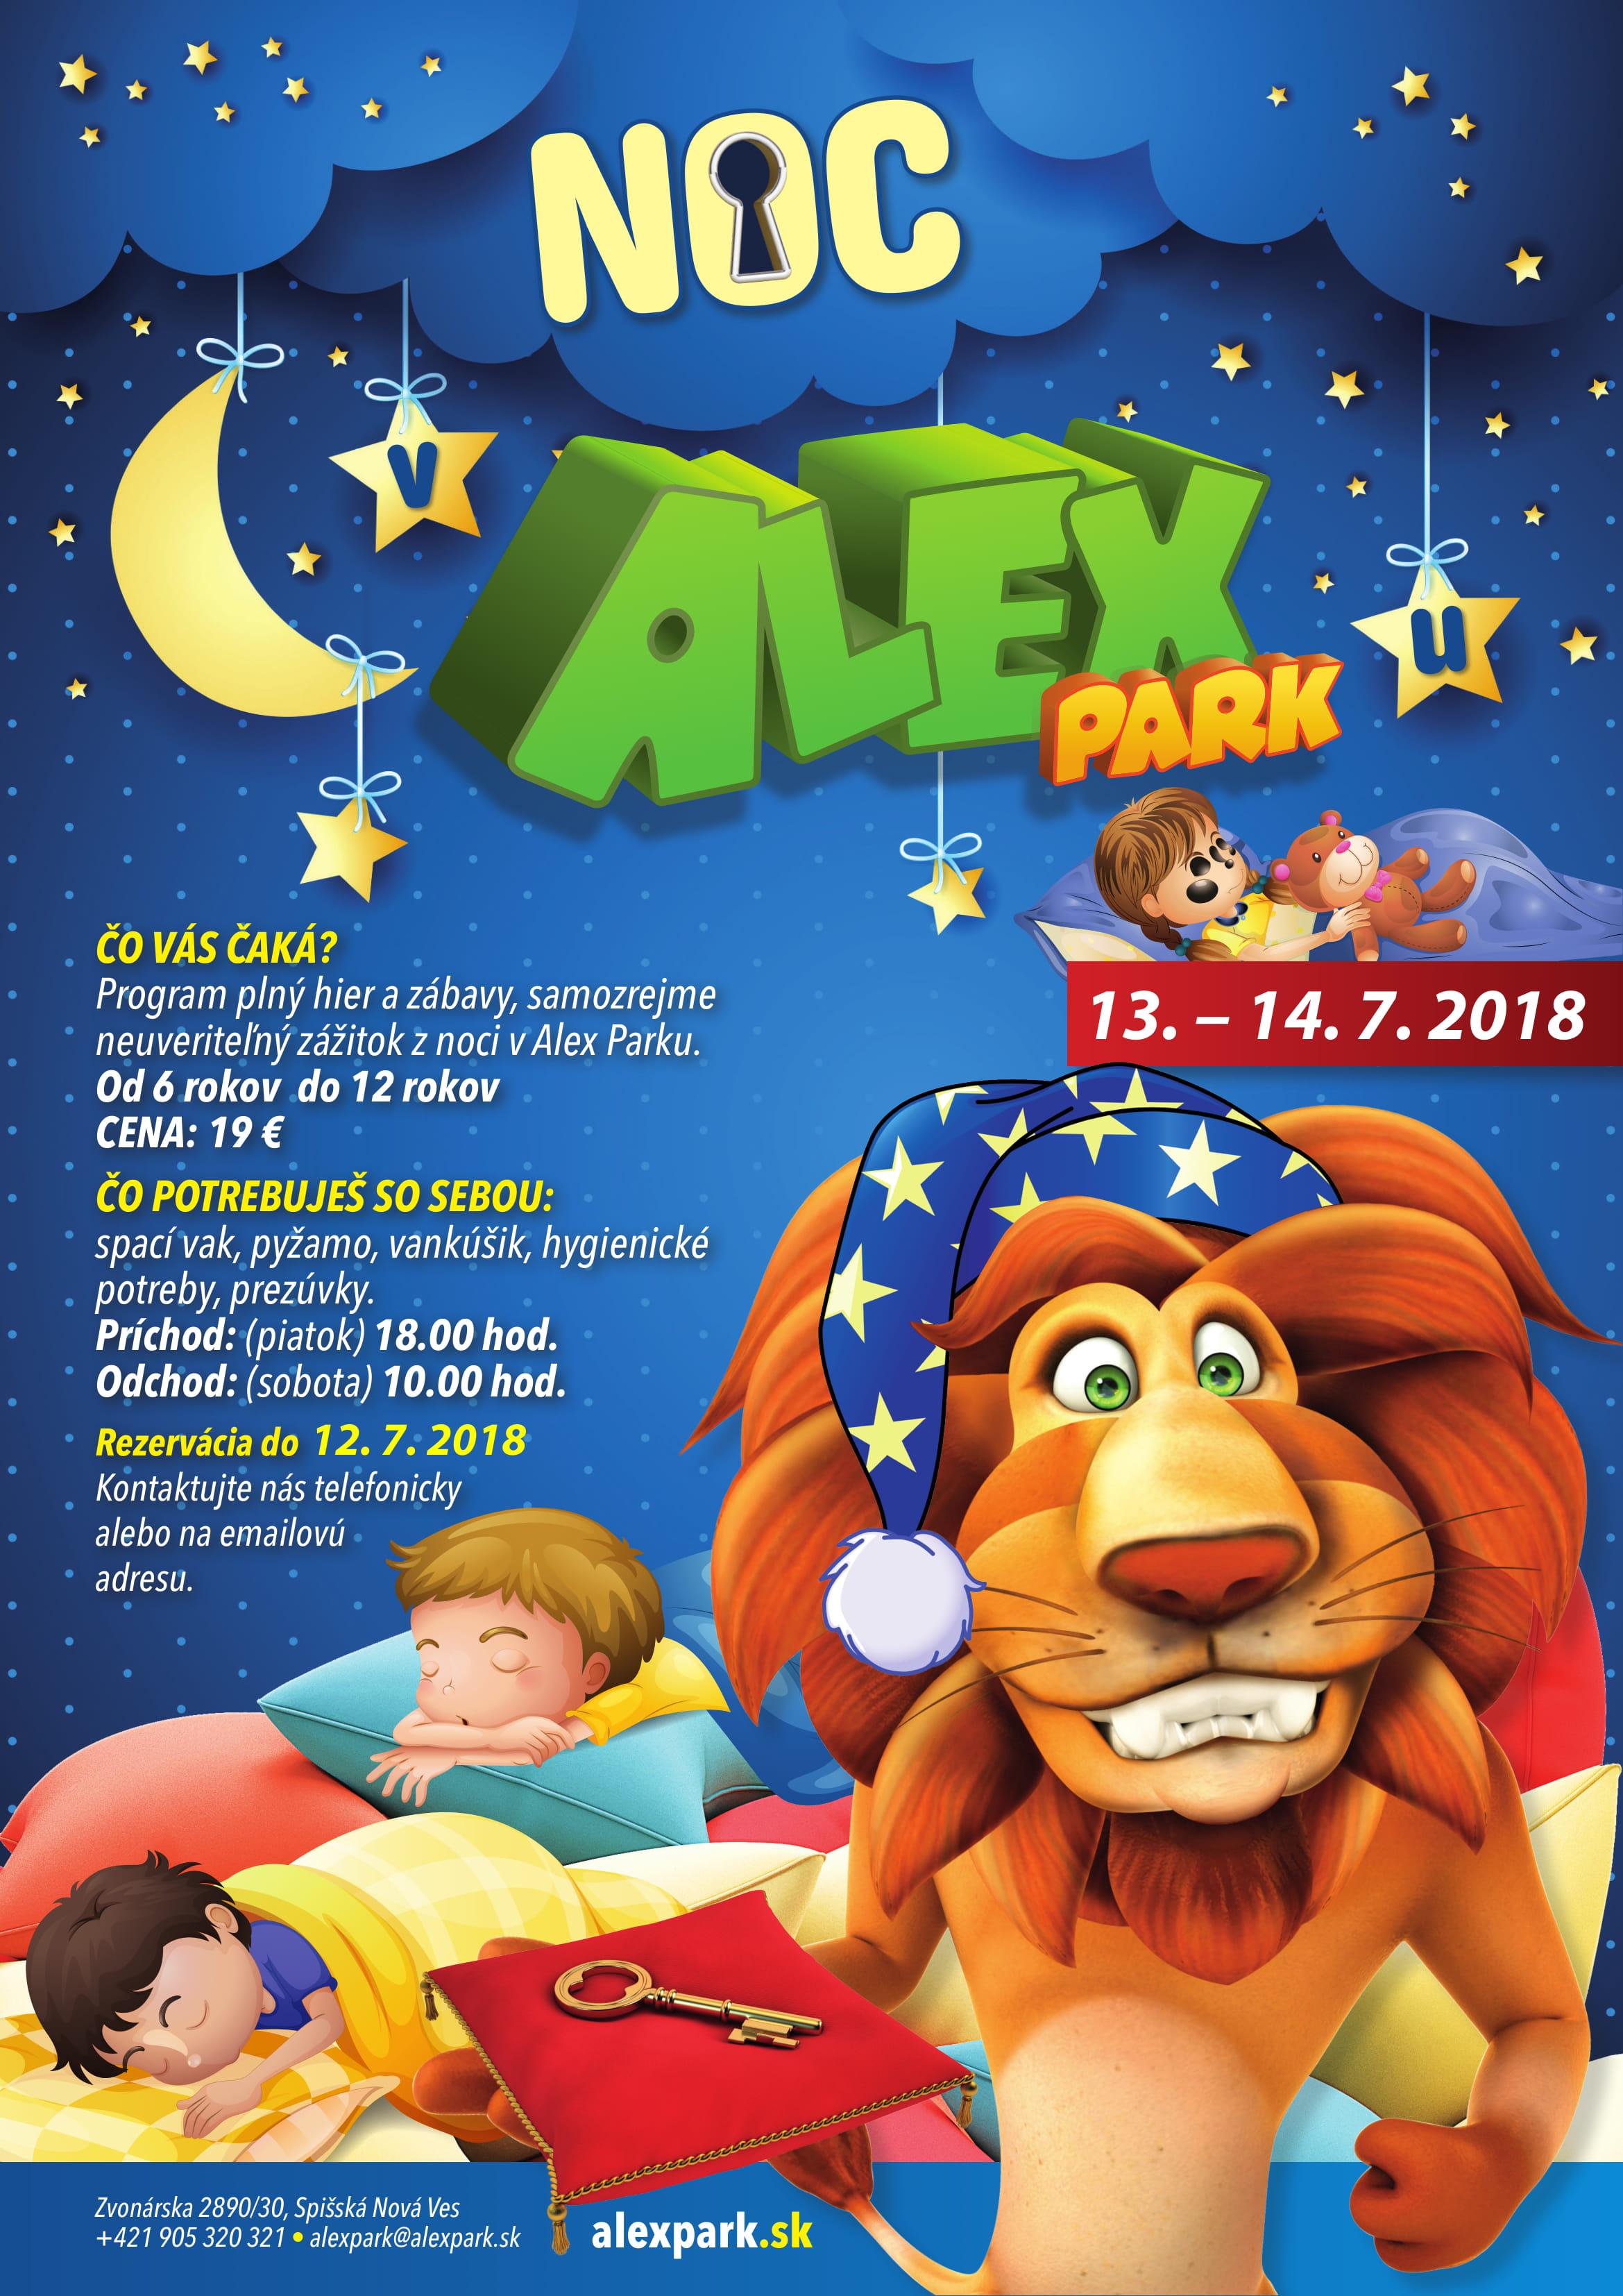 Noc v Alex Parku - interaktivne 13.7-1